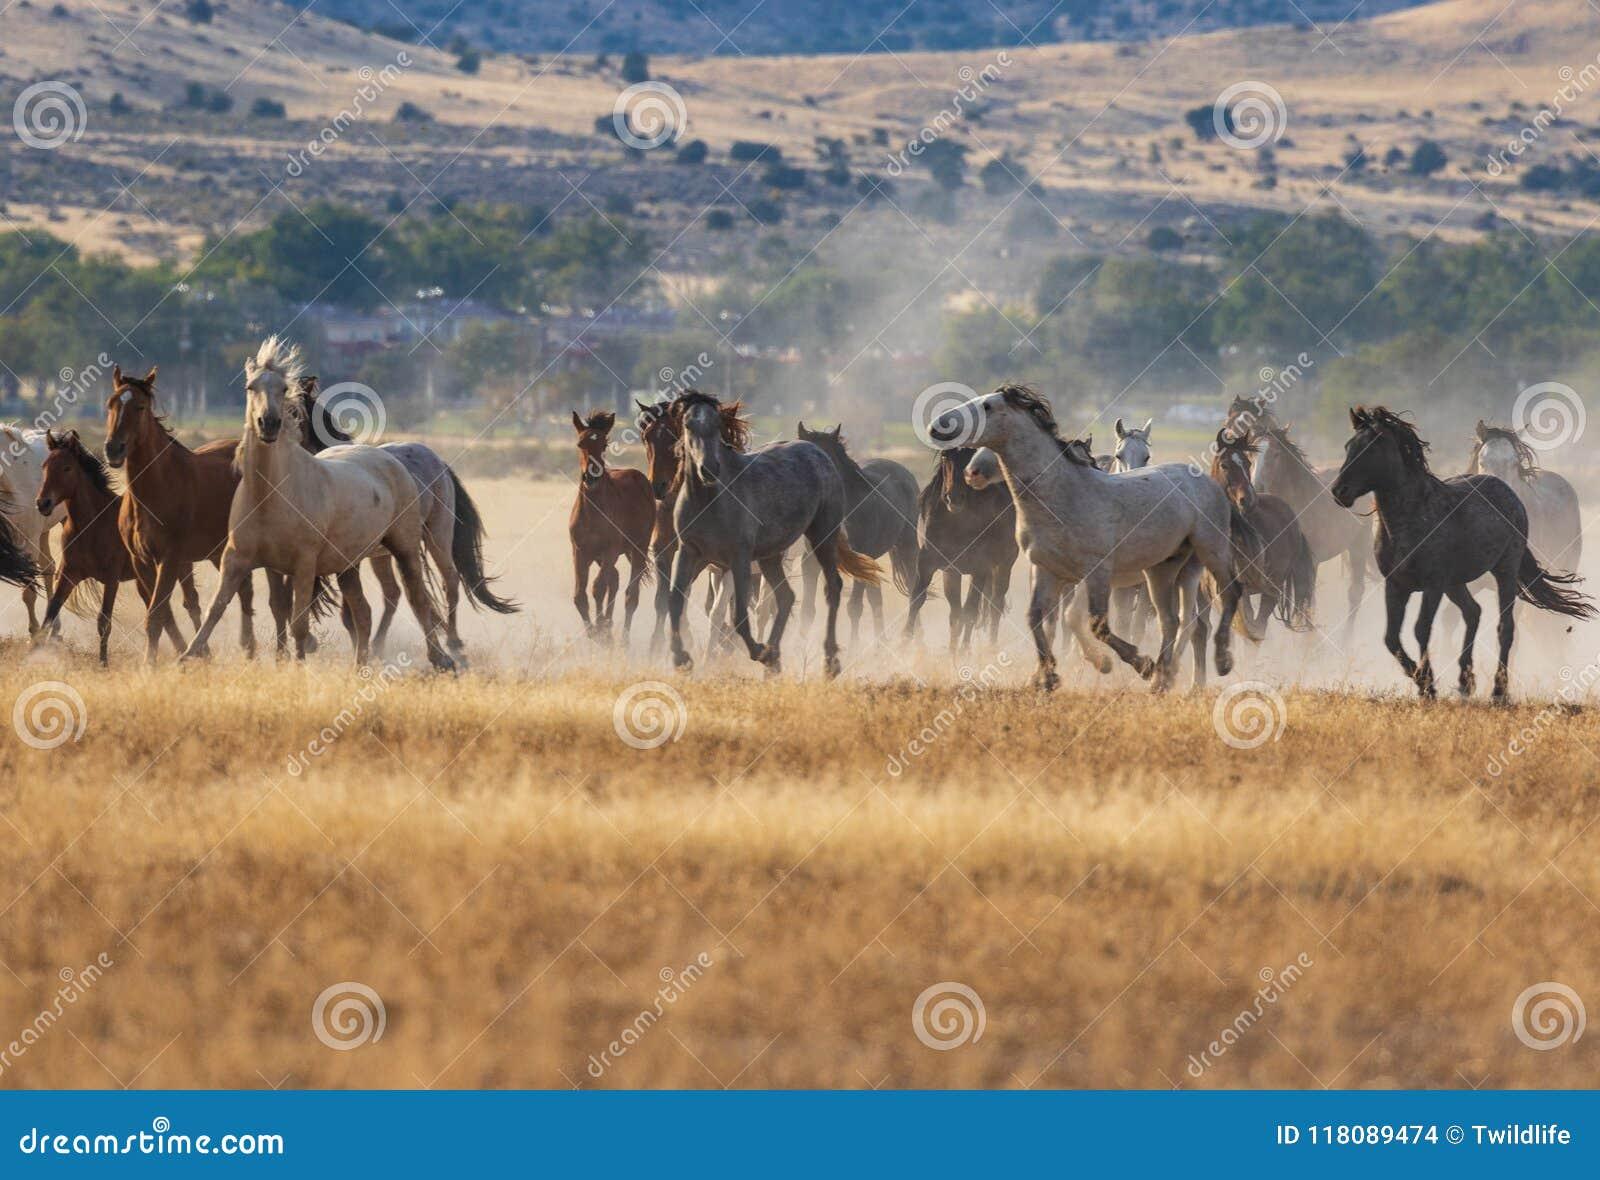 Herd Of Wild Horses Running Stock Photo Image Of Mustang Animal 118089474